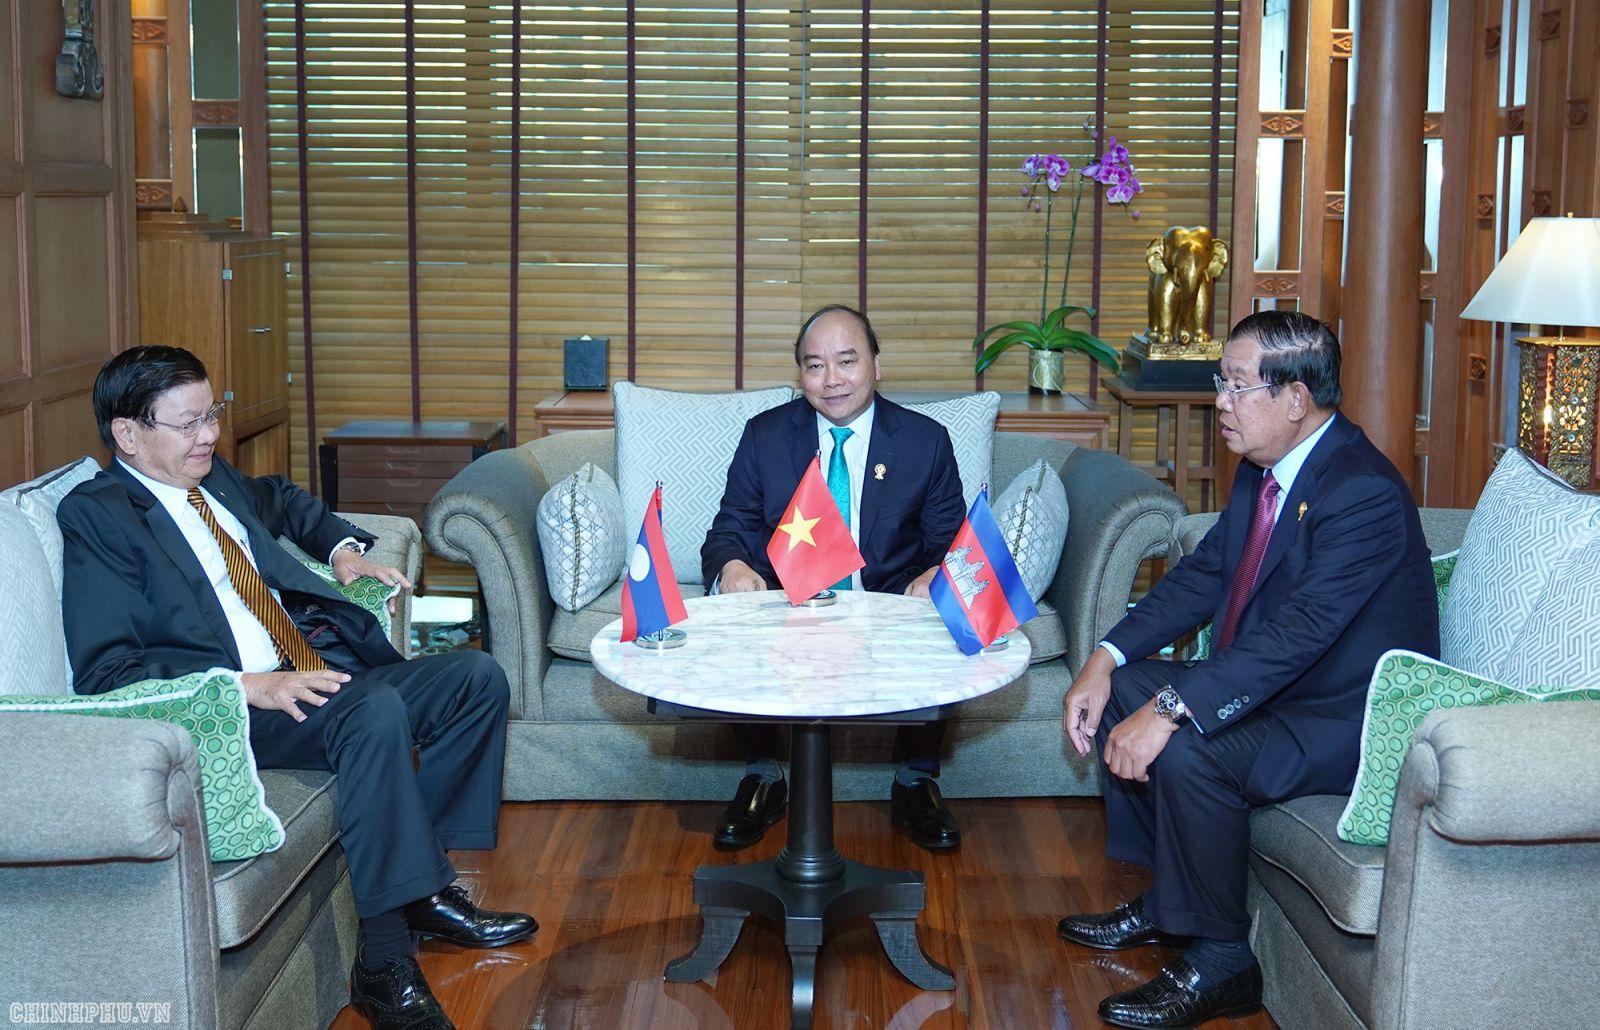 Thủ tướng Chính phủ Nguyễn Xuân Phúc cùng Thủ tướng Lào Thongloun Sisoulith và Thủ tướng Campuchia Samdech Techo Hun Sen. - Ảnh: VGP/Quang Hiếu